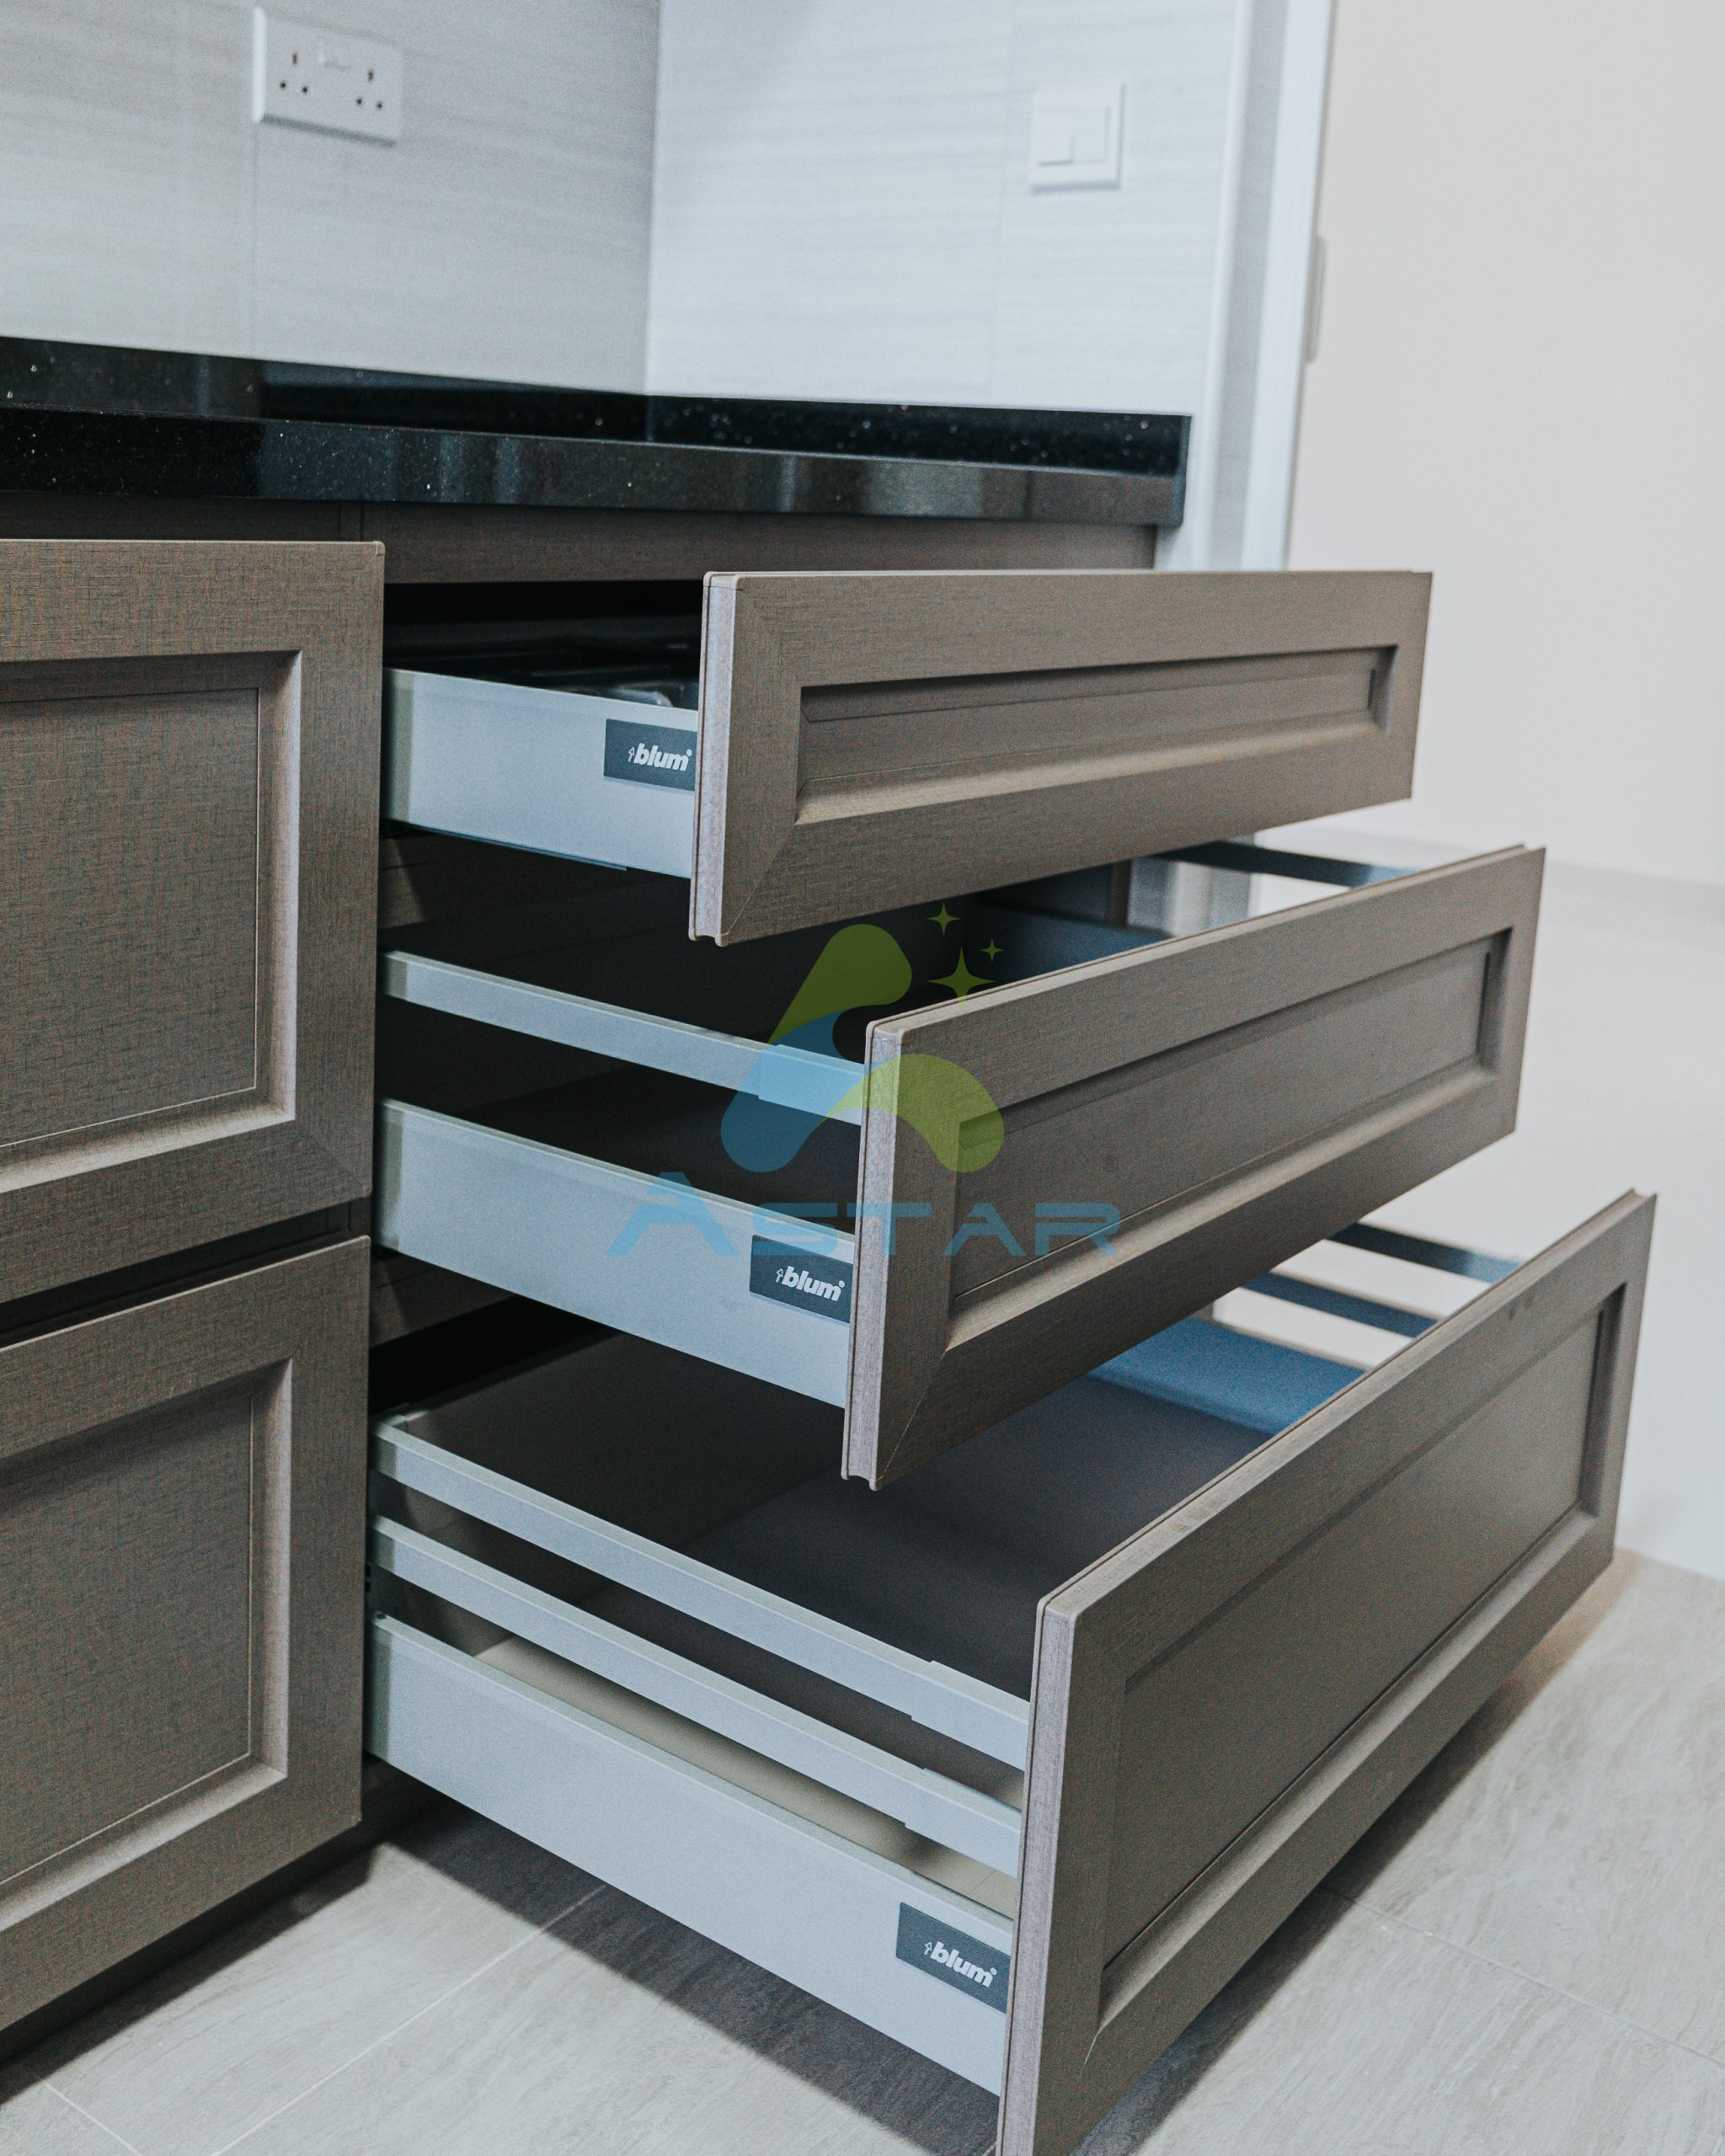 astar furnishing aluminum furniture projects Blk 478B Yishun St 44 21